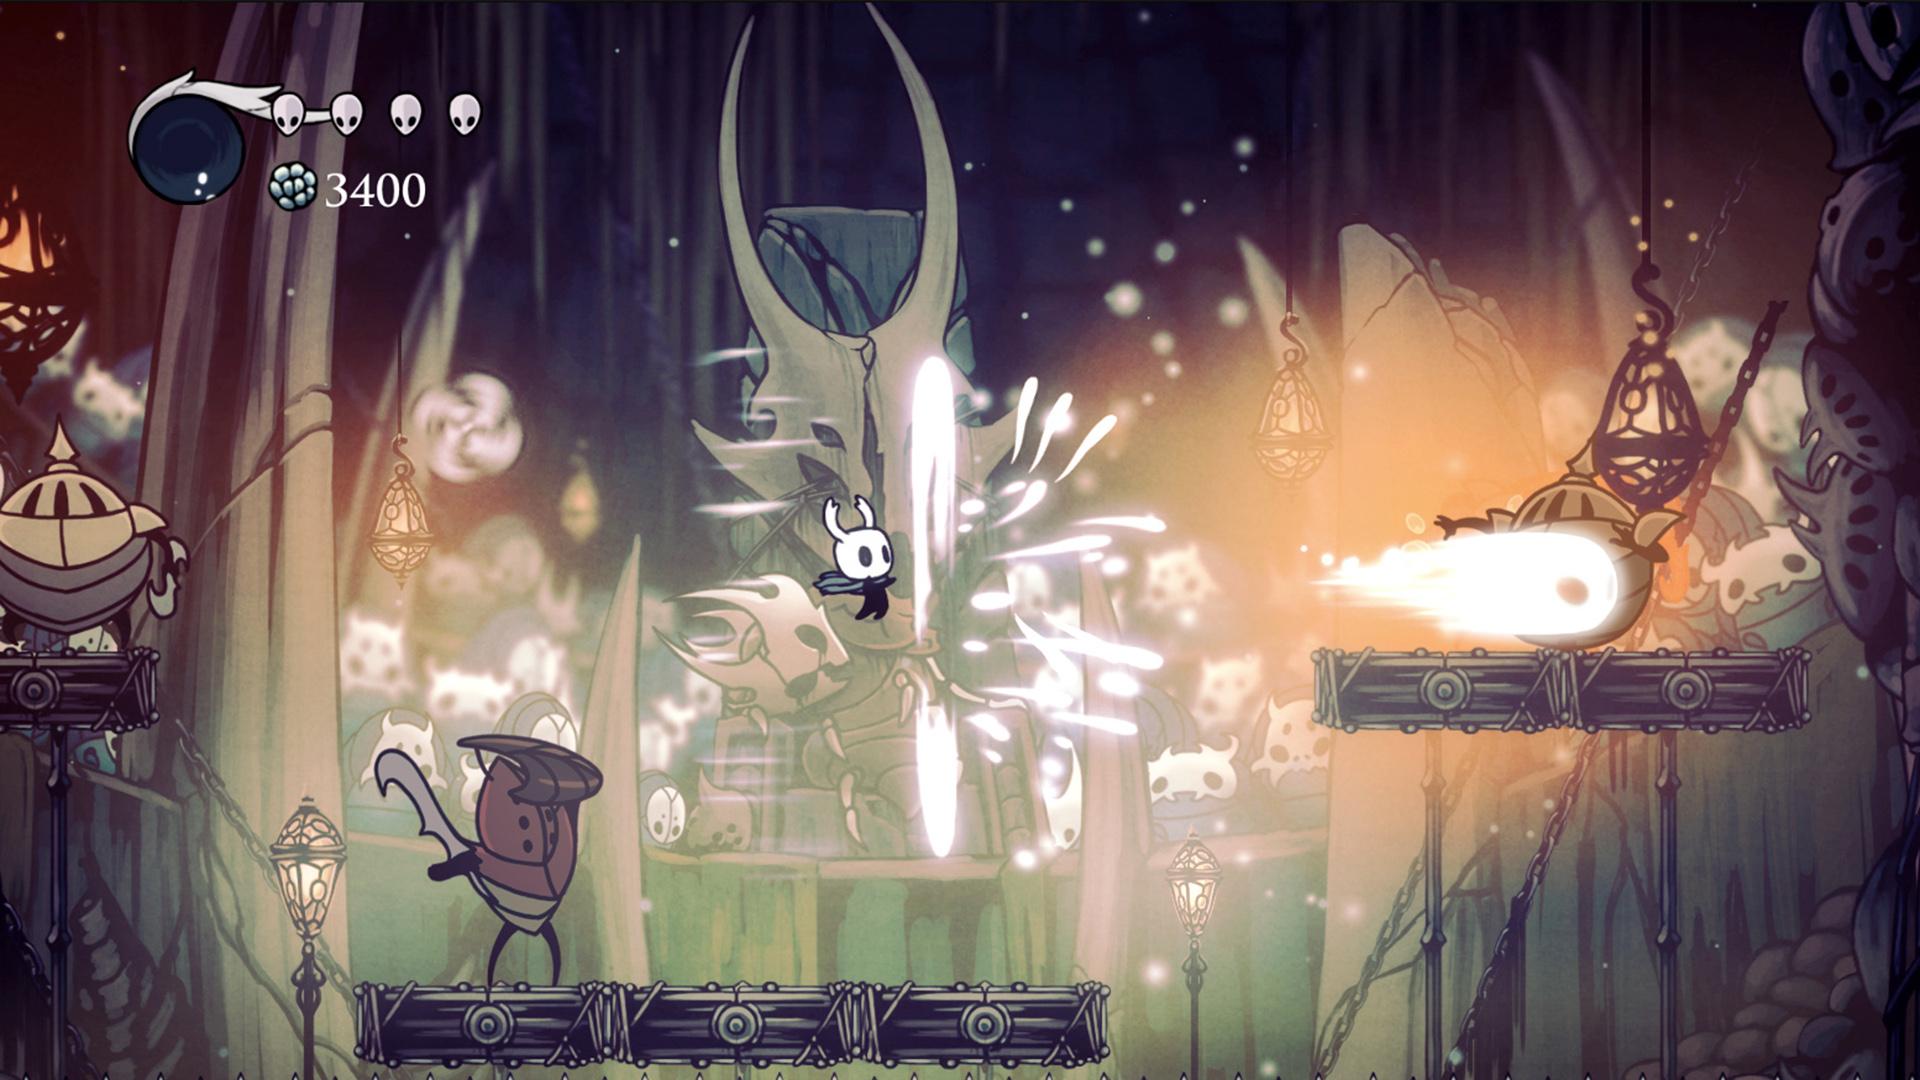 新好玩单机游戏 空洞骑士 中文破解版 PC单机版免费玩 单机游戏单机版百度网盘下载